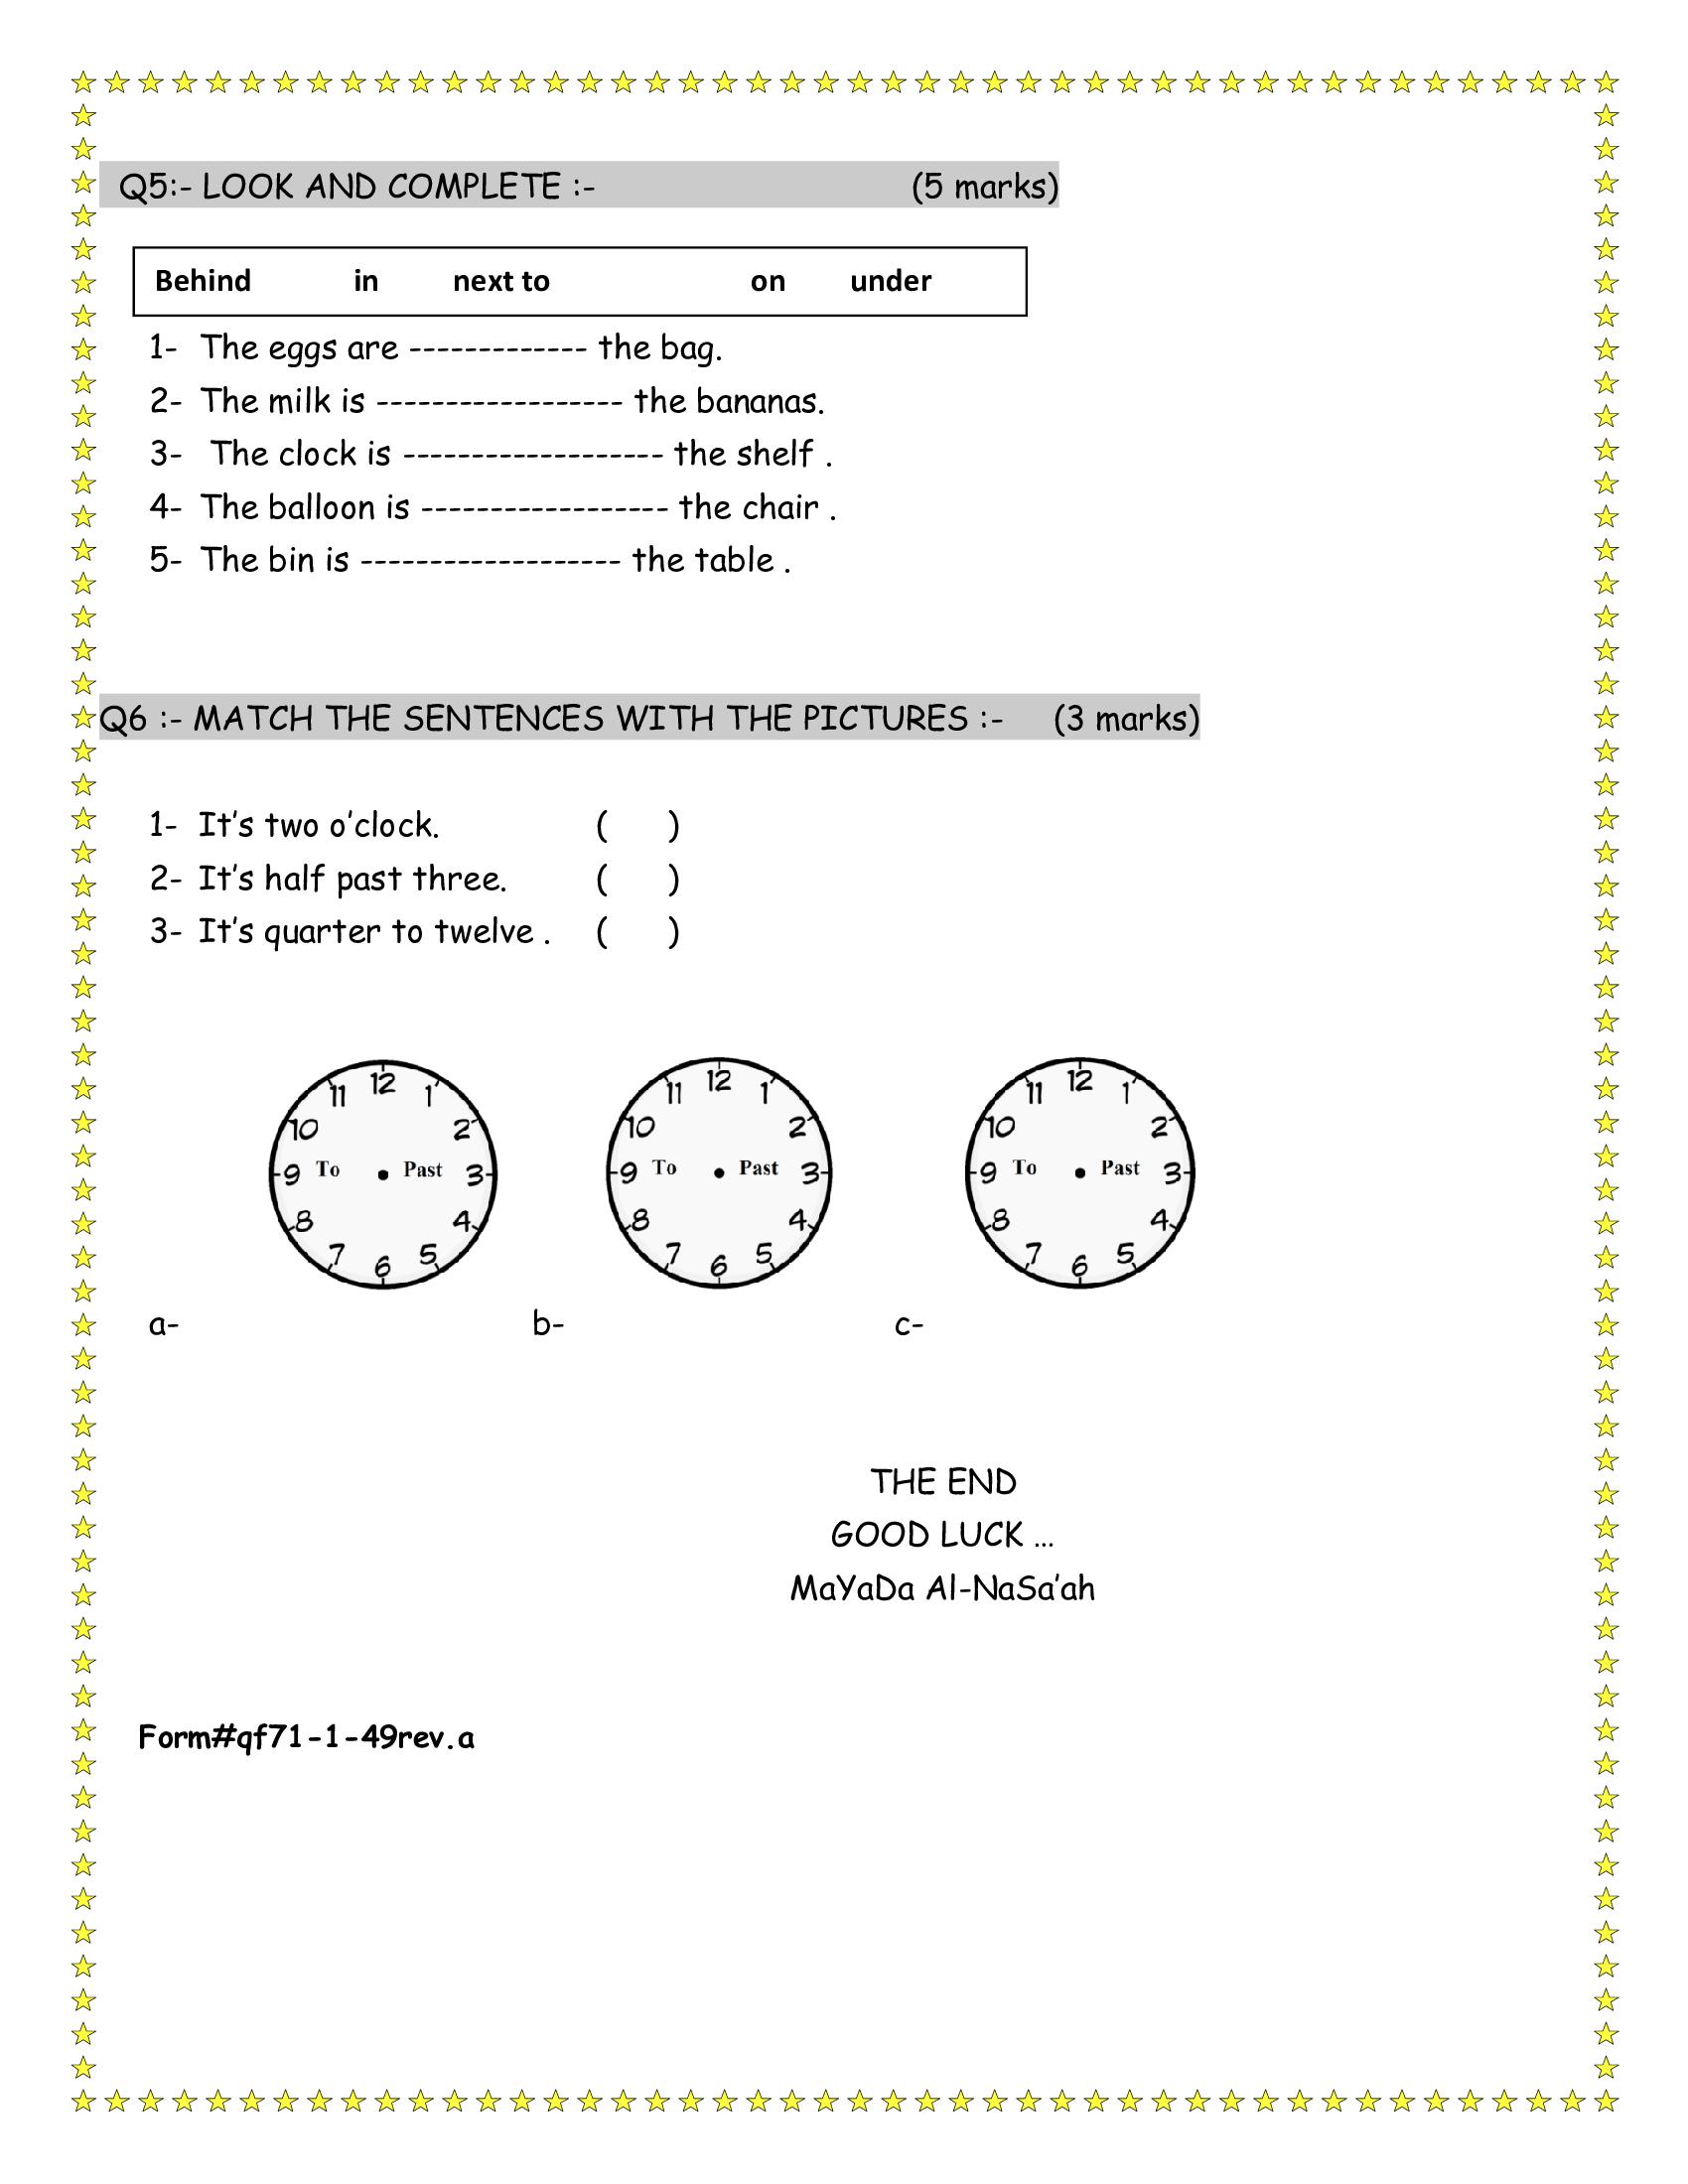 امتحان نهائي لمادة اللغة الانجليزية للصف الثالث الفصل الاول 2016